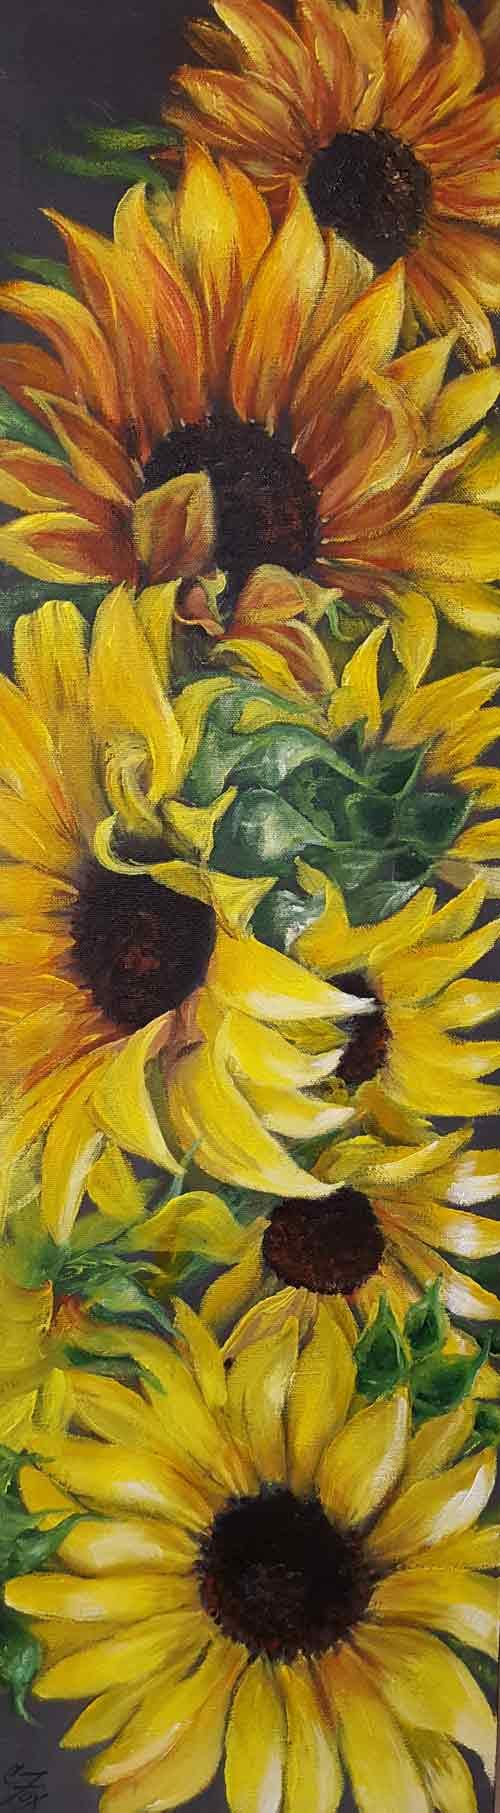 sunflower-(2).jpg